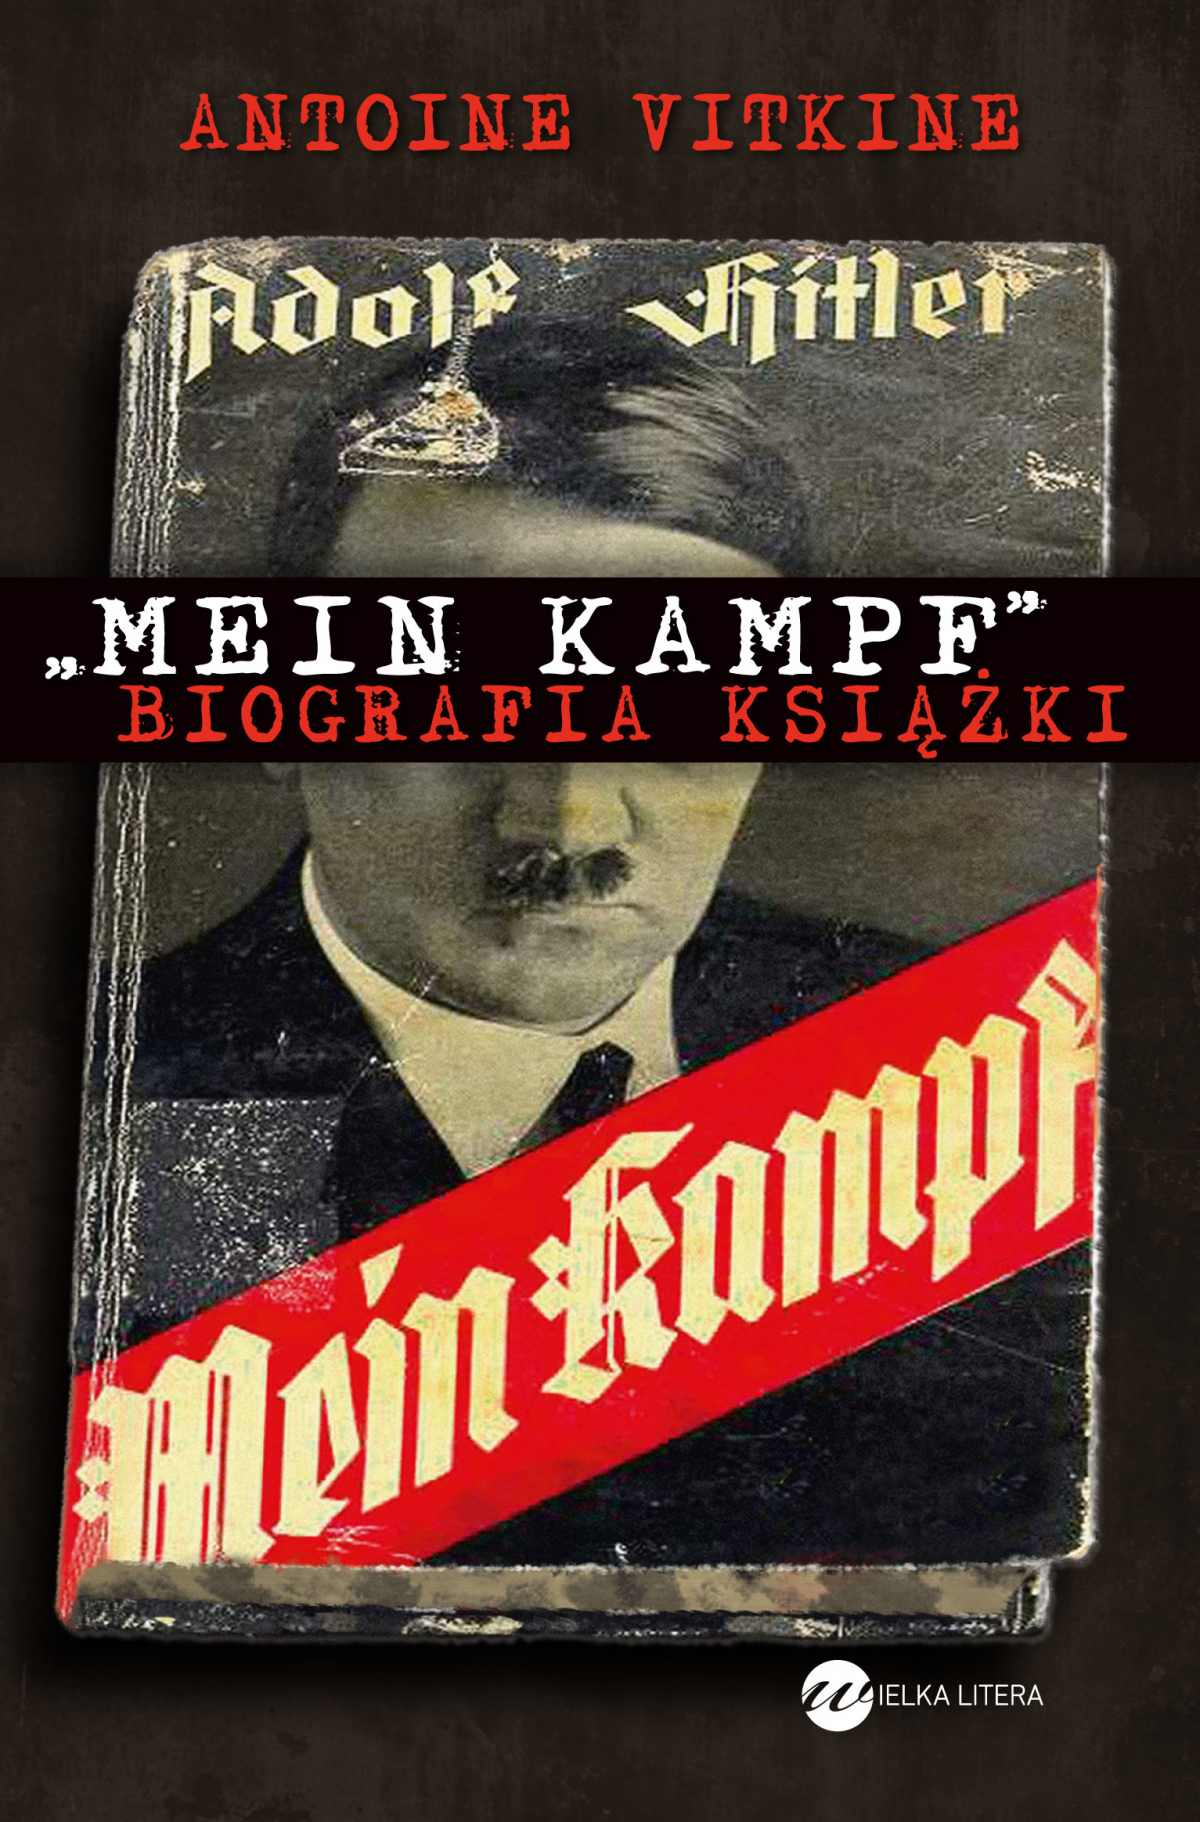 Mein Kampf Biografia książki - Ebook (Książka EPUB) do pobrania w formacie EPUB